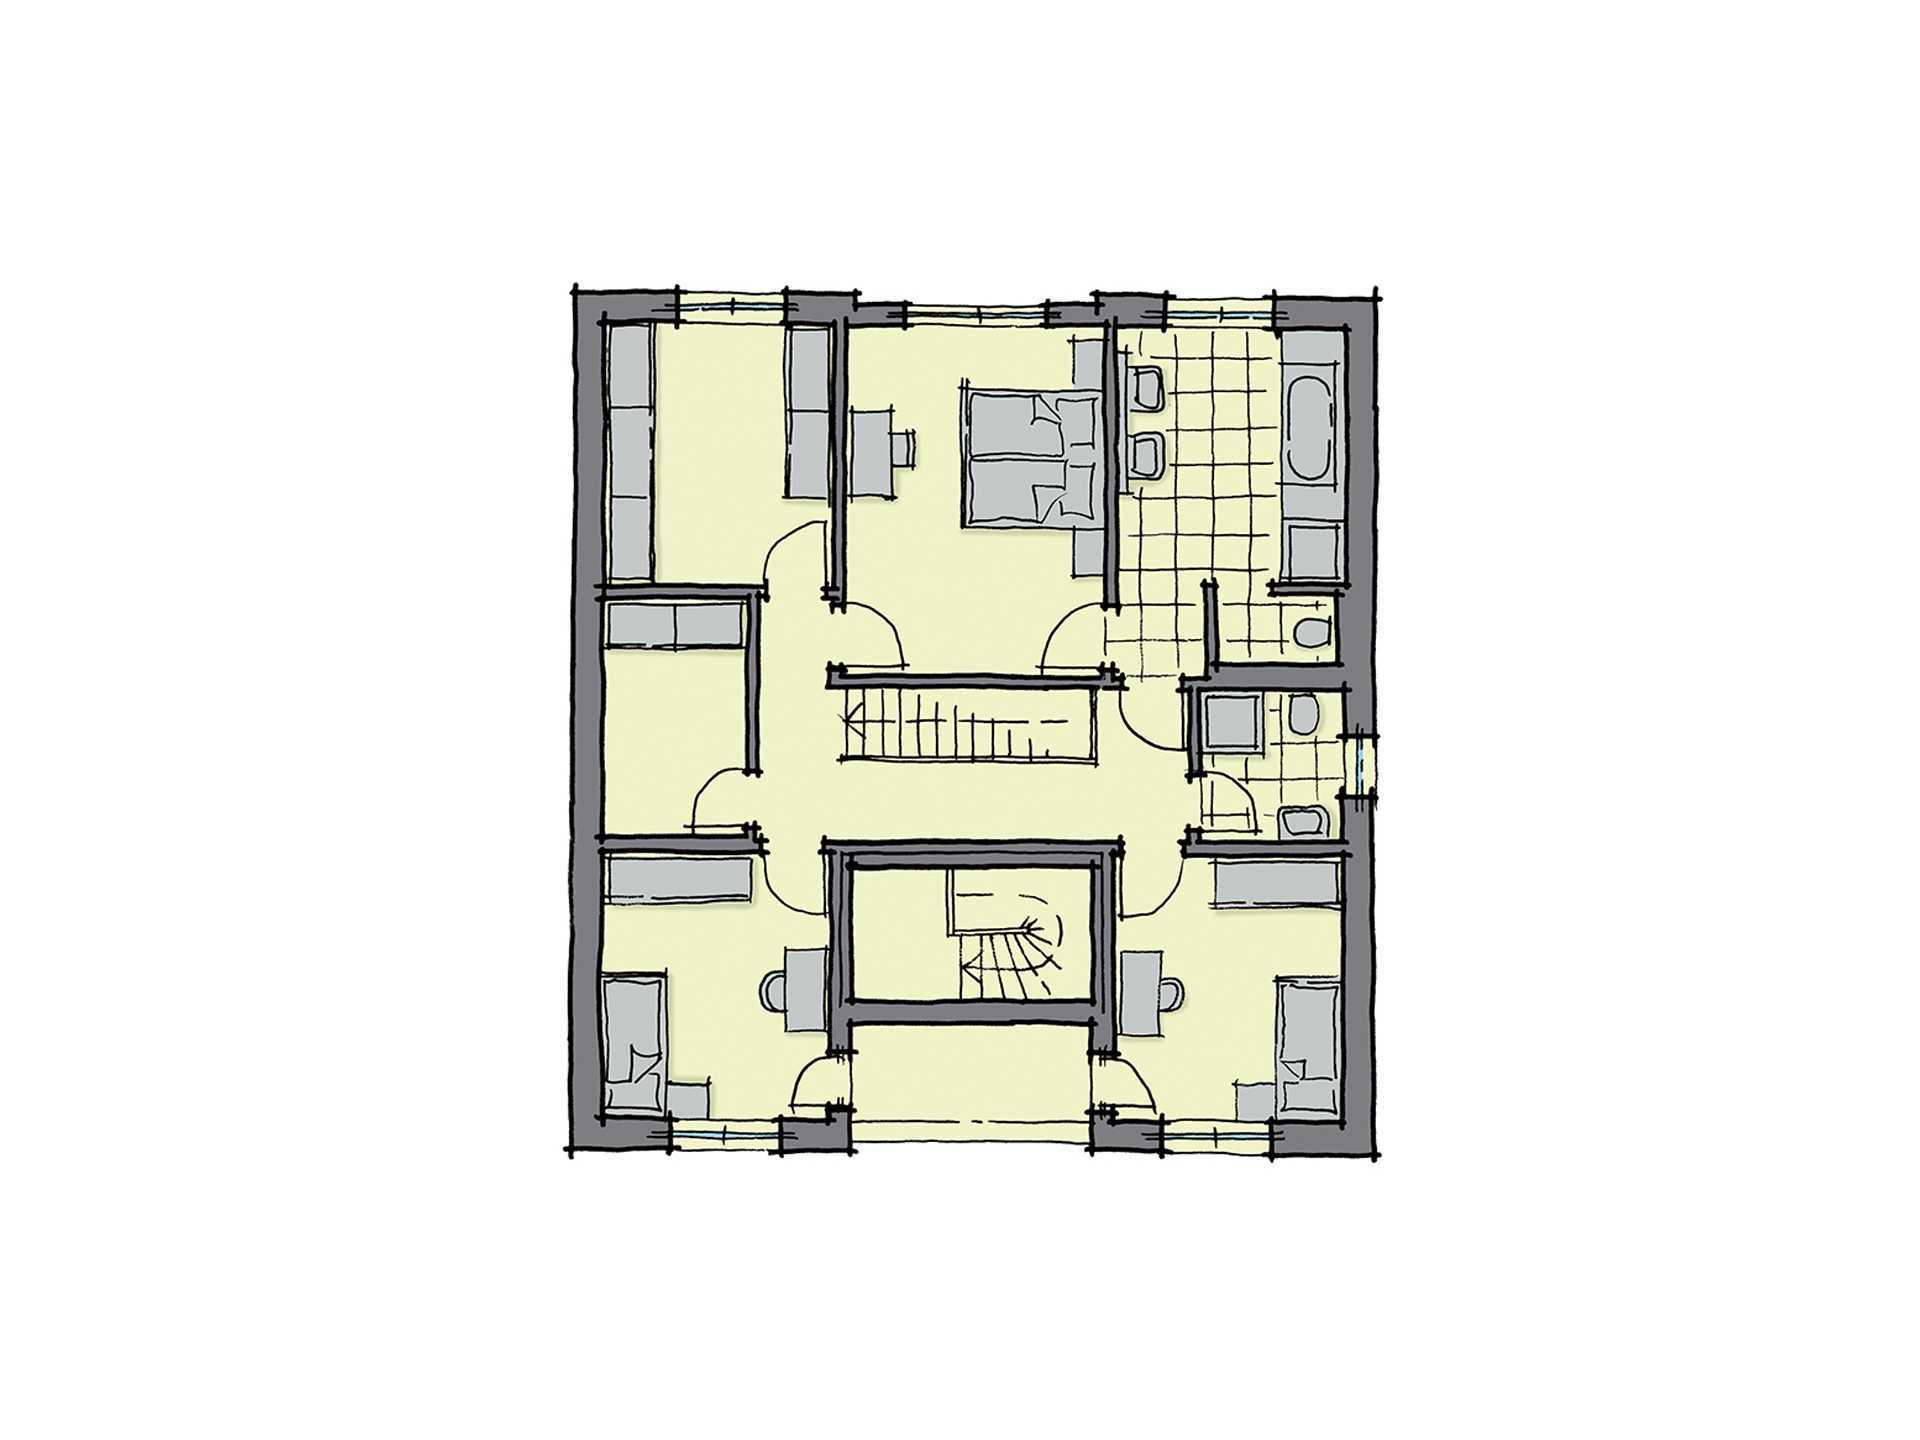 Haus barcelona mit einliegerwohnung gussek haus for Muster grundrisse haus